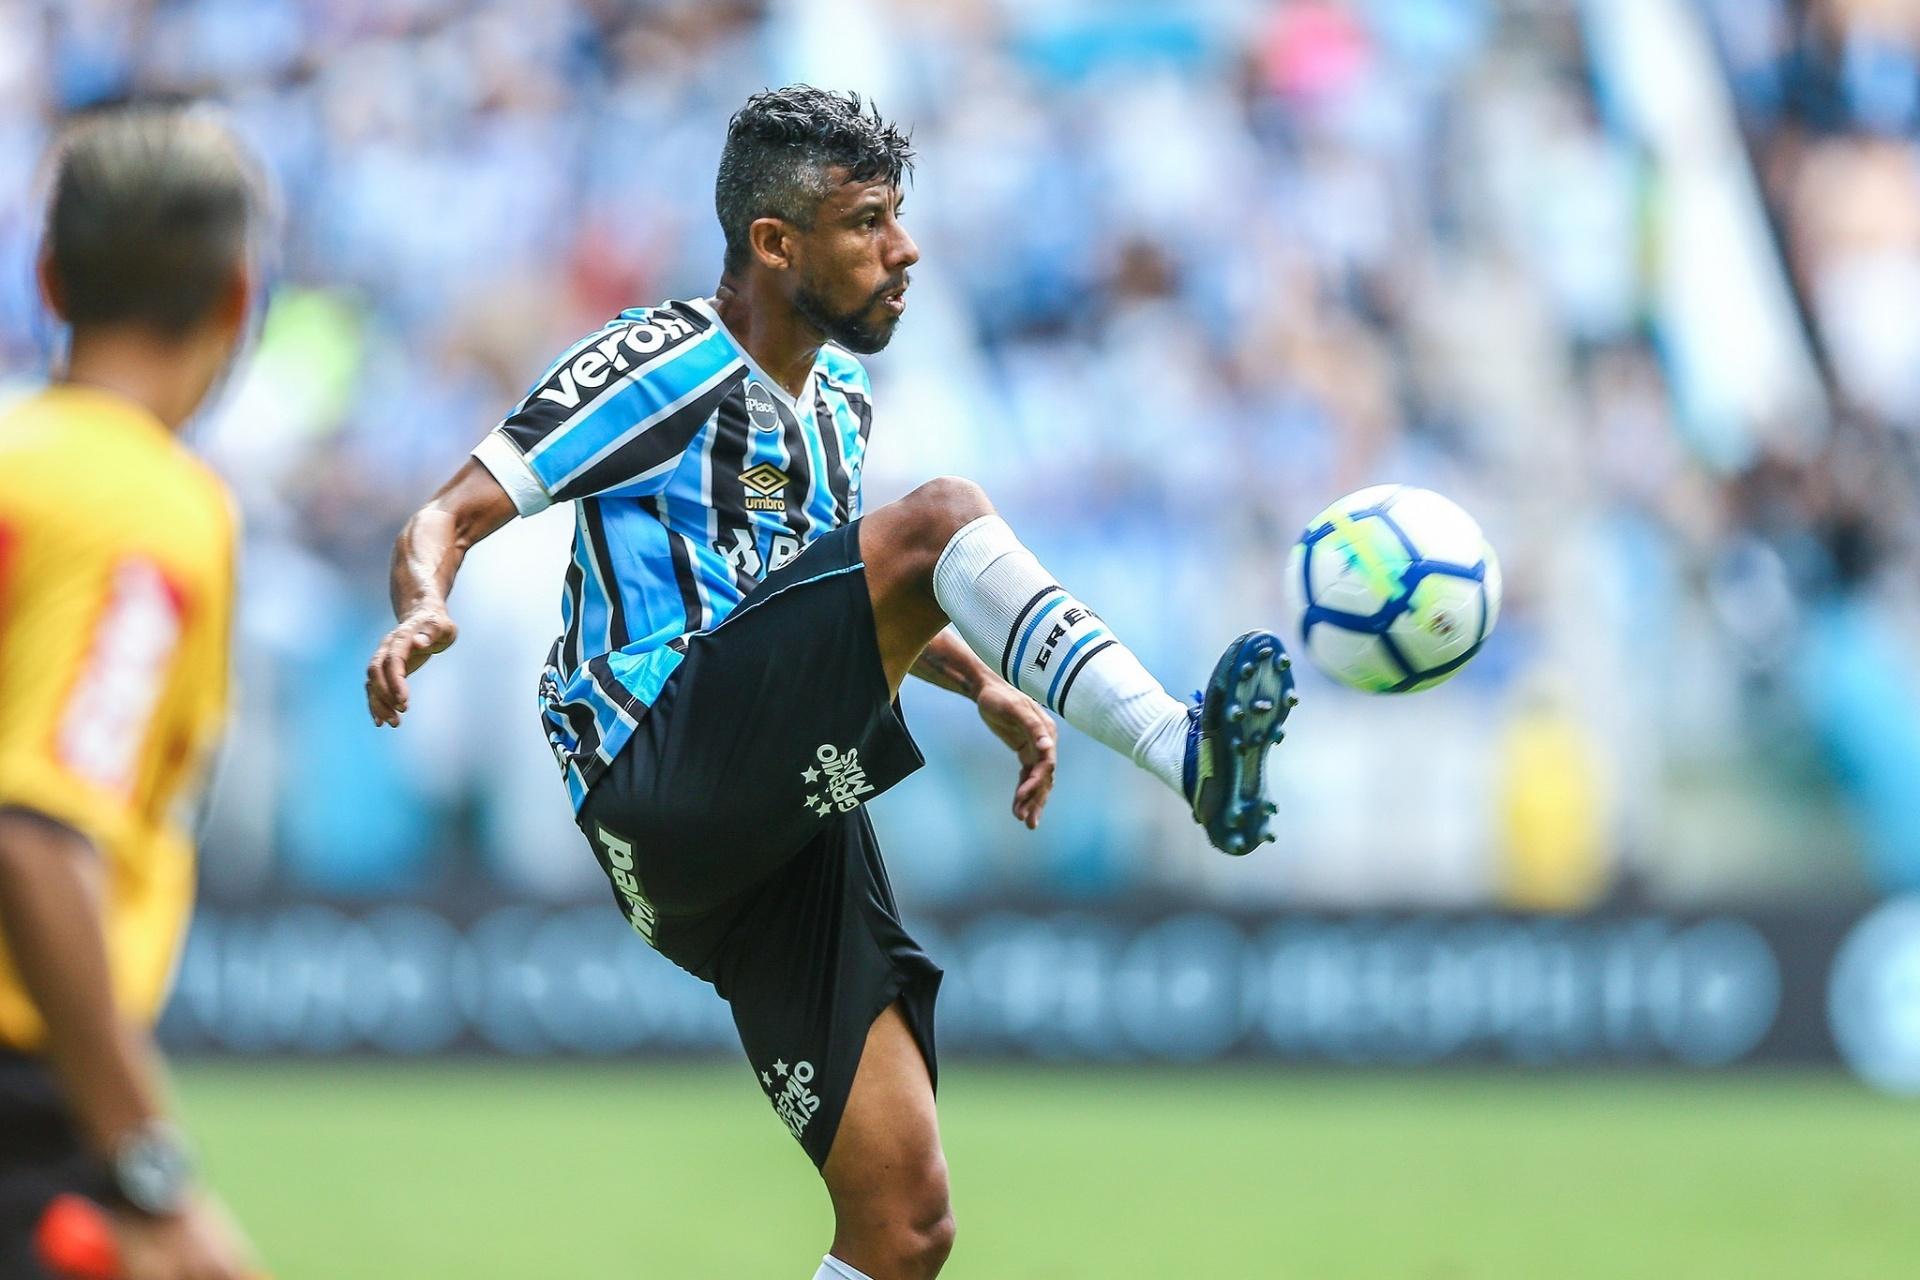 Léo Moura aceita proposta e renova contrato com Grêmio até o fim de 2019 -  Esporte - BOL a97deb7714b7b